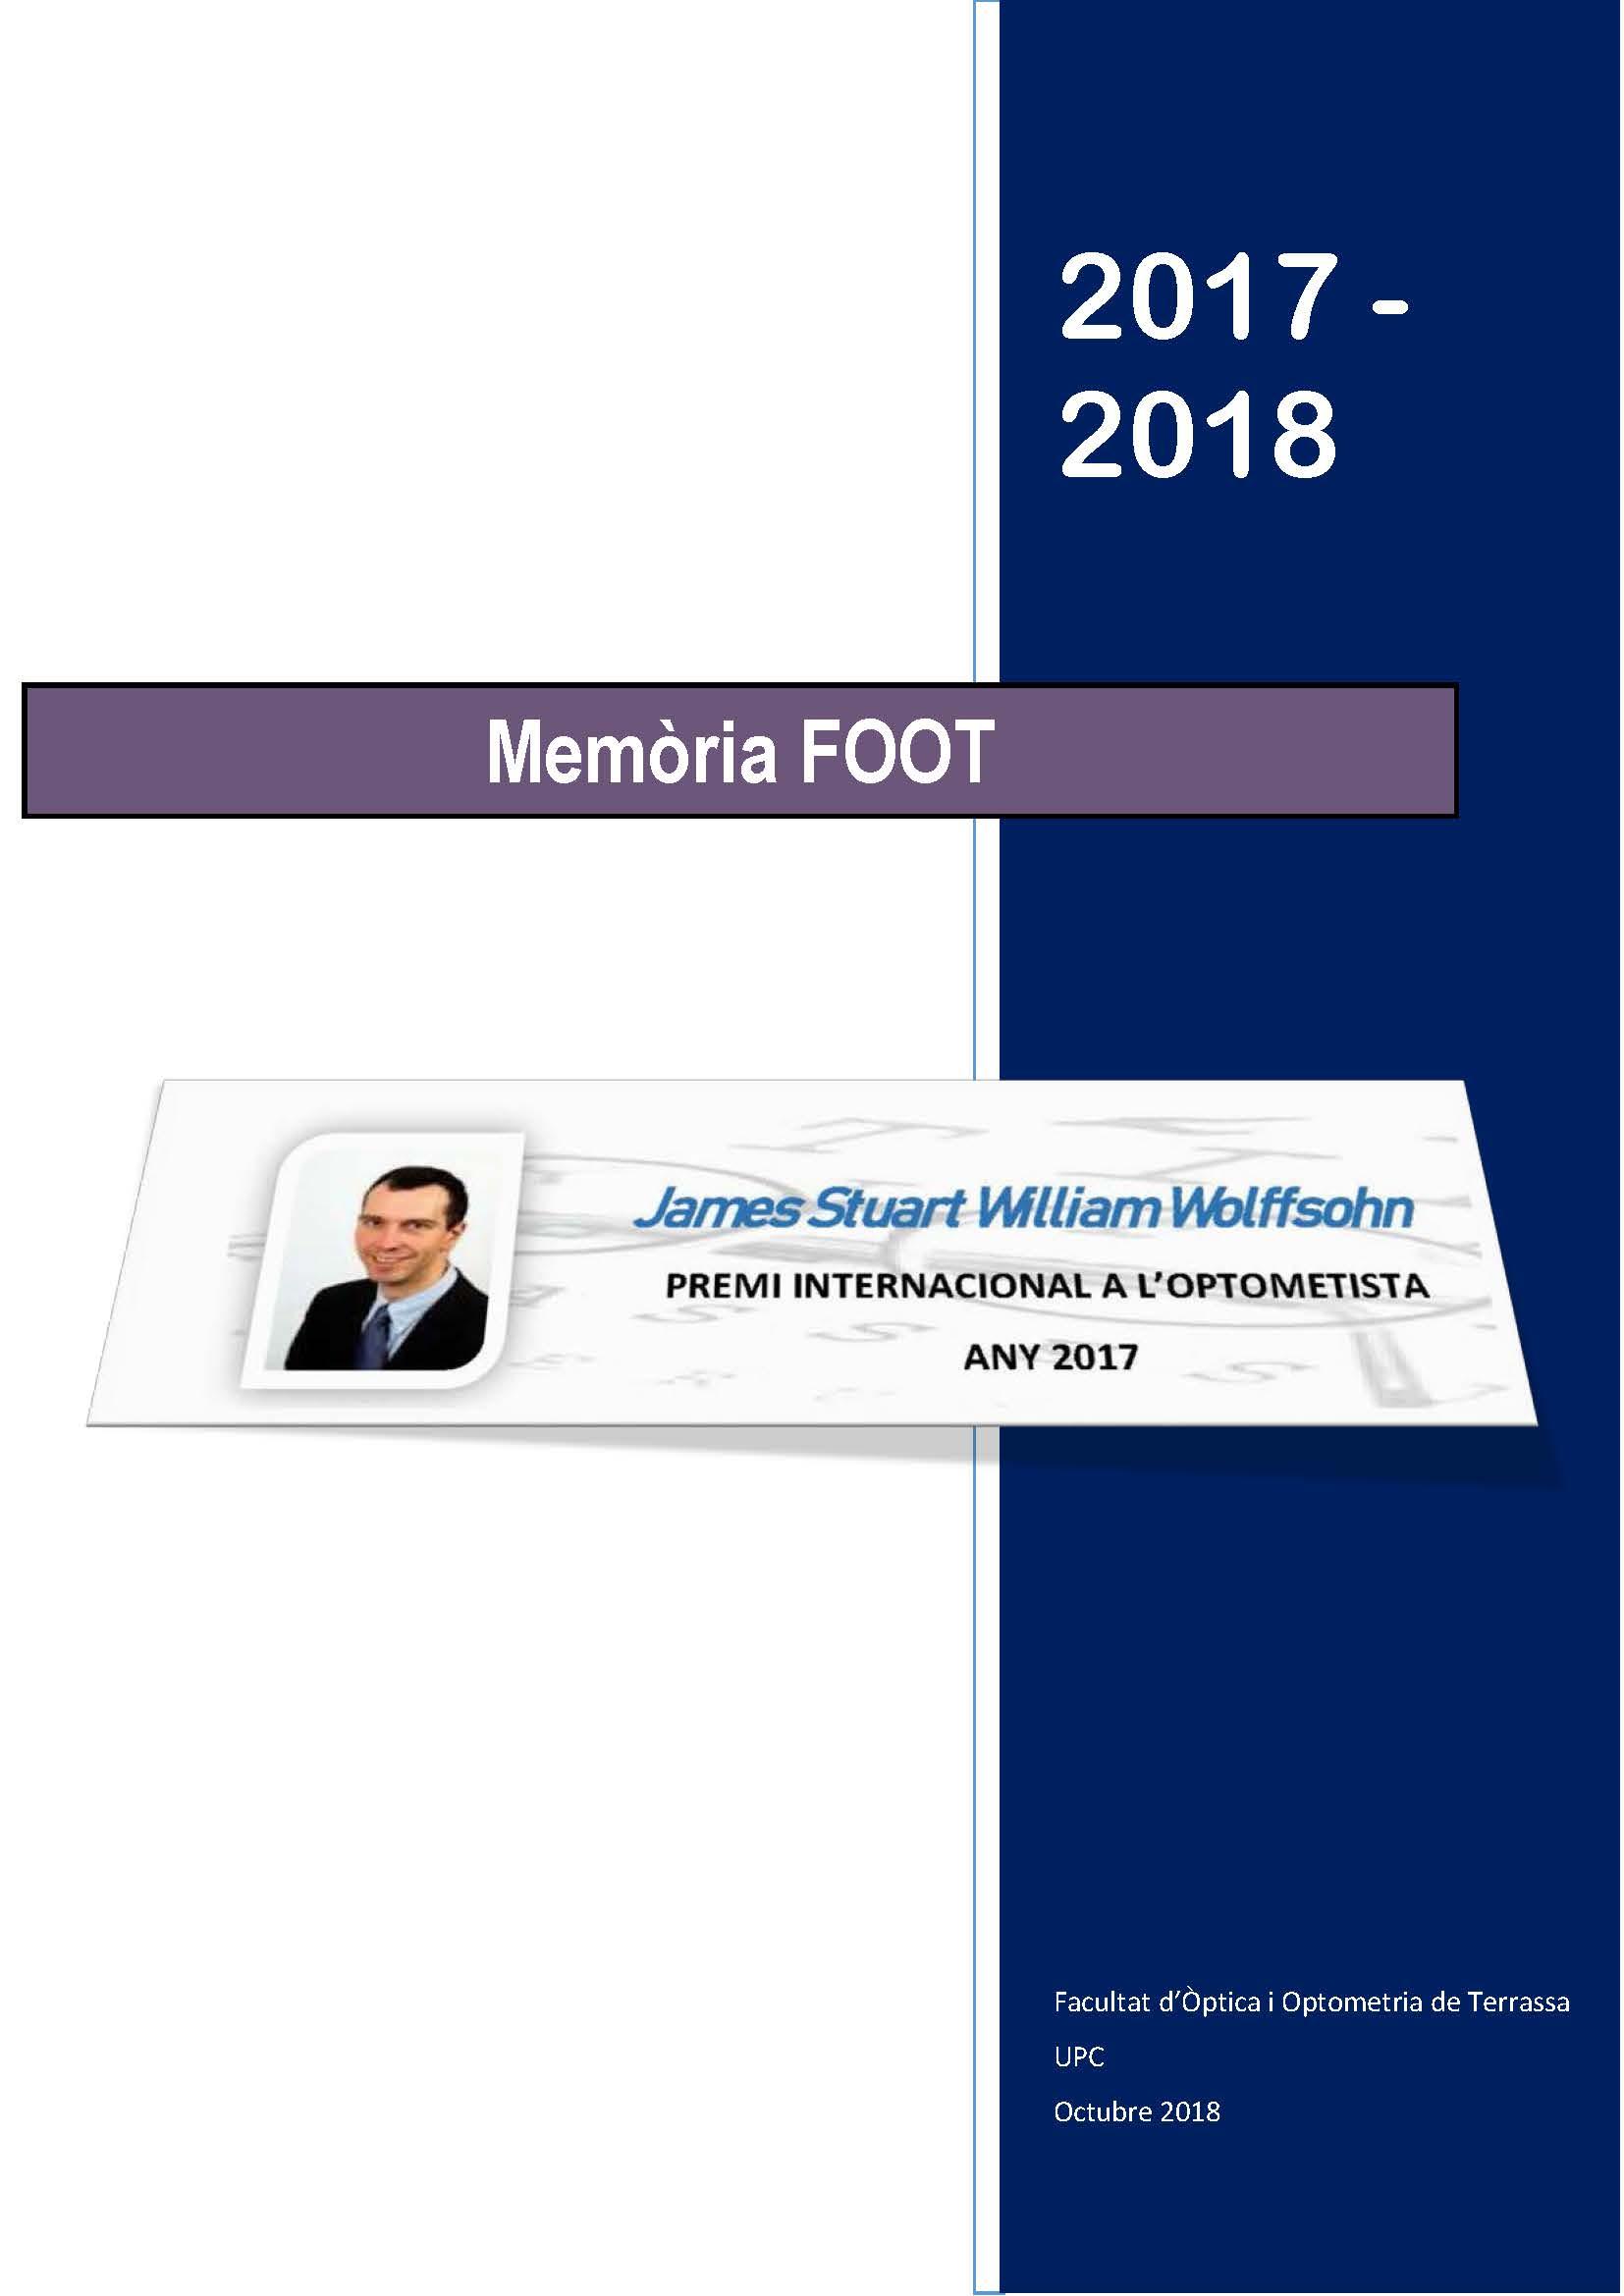 Portada memòria 2017-2018